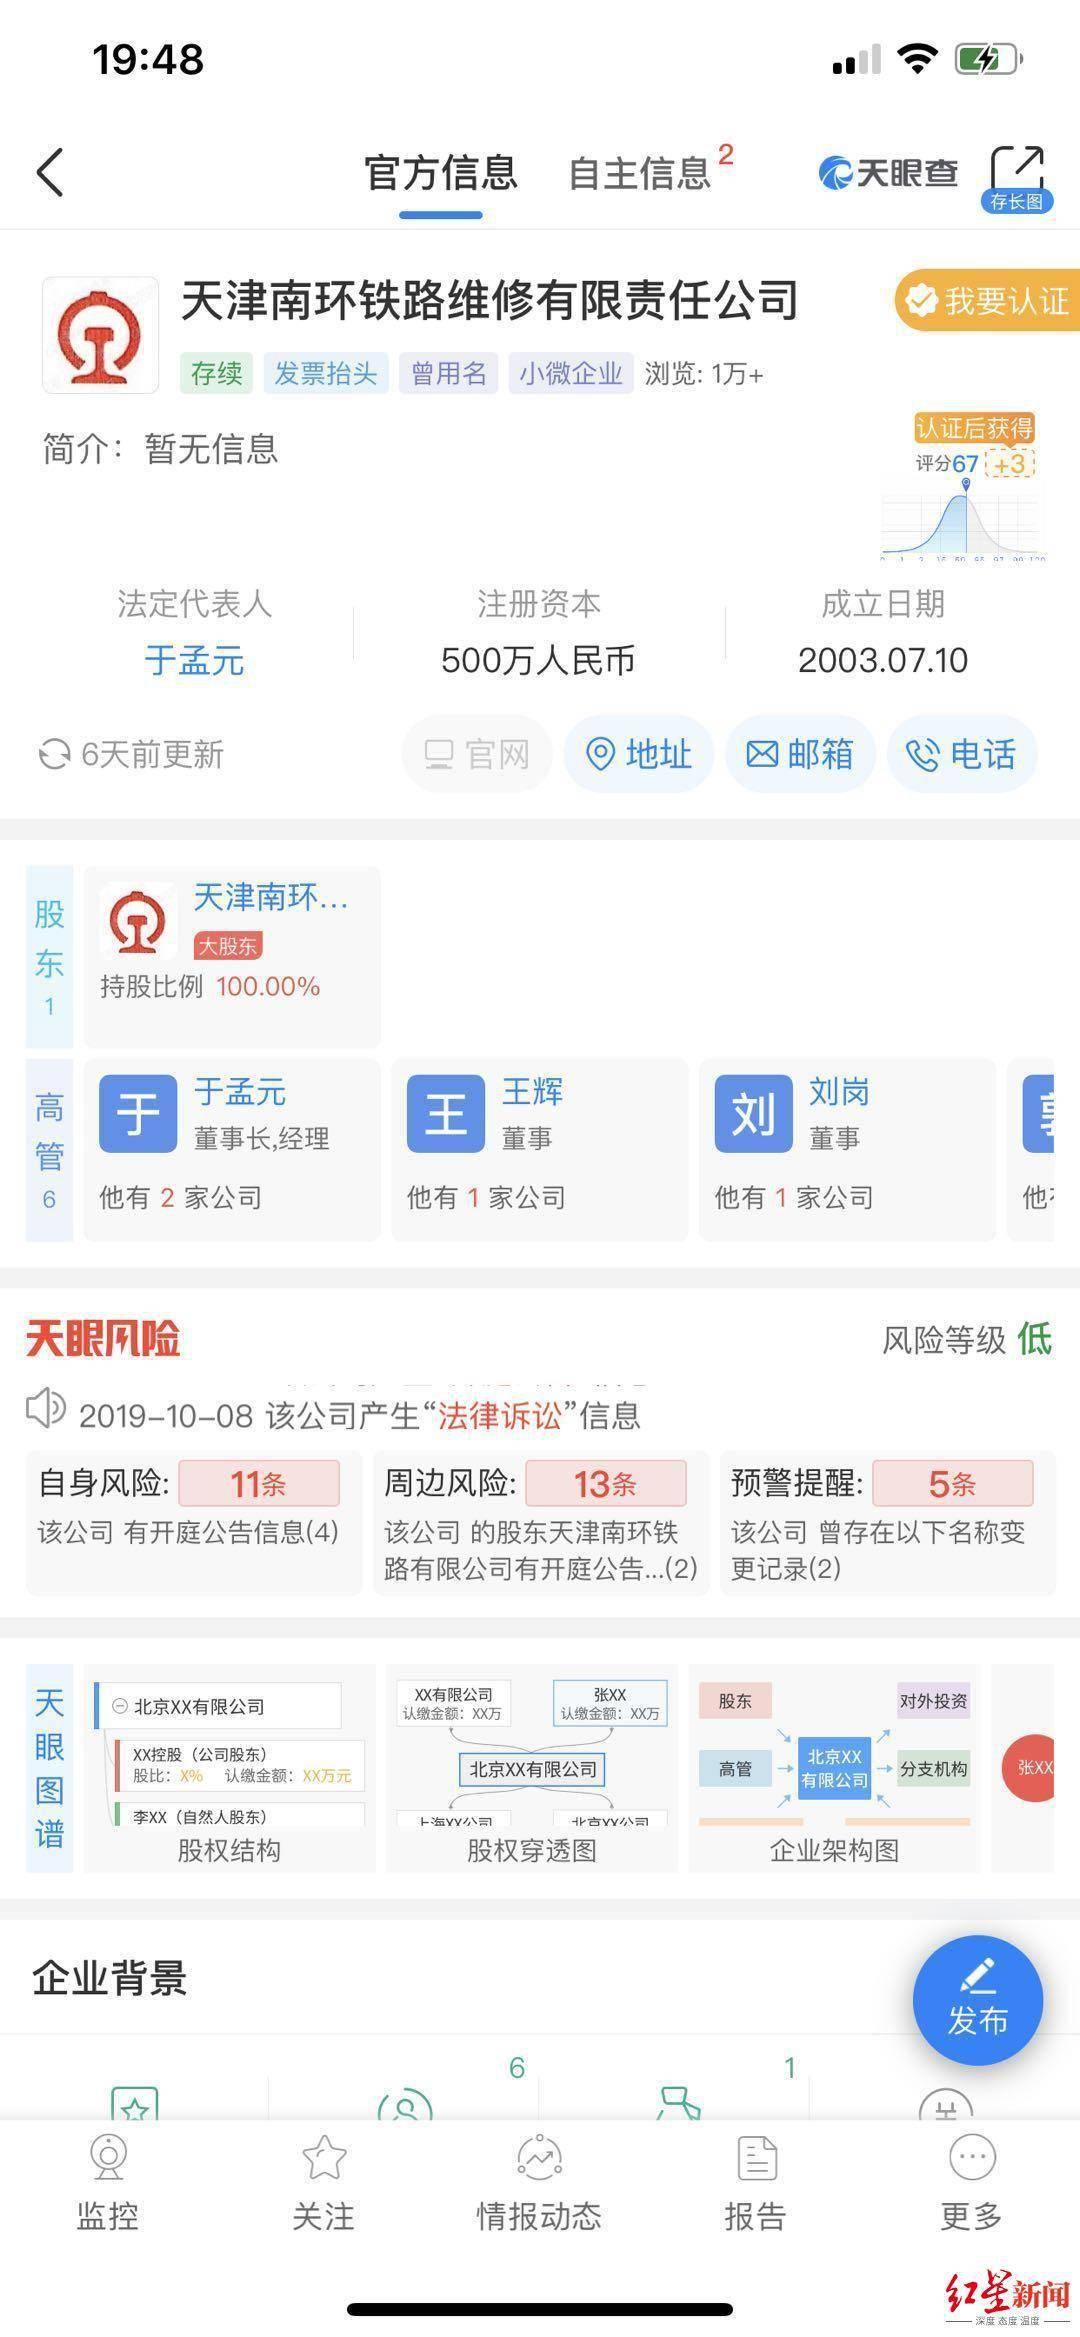 百事3平台官网天津铁路桥坍塌已致7死 专家称桥枕更换一般不会导致坍塌 事故原因有待调查(图3)